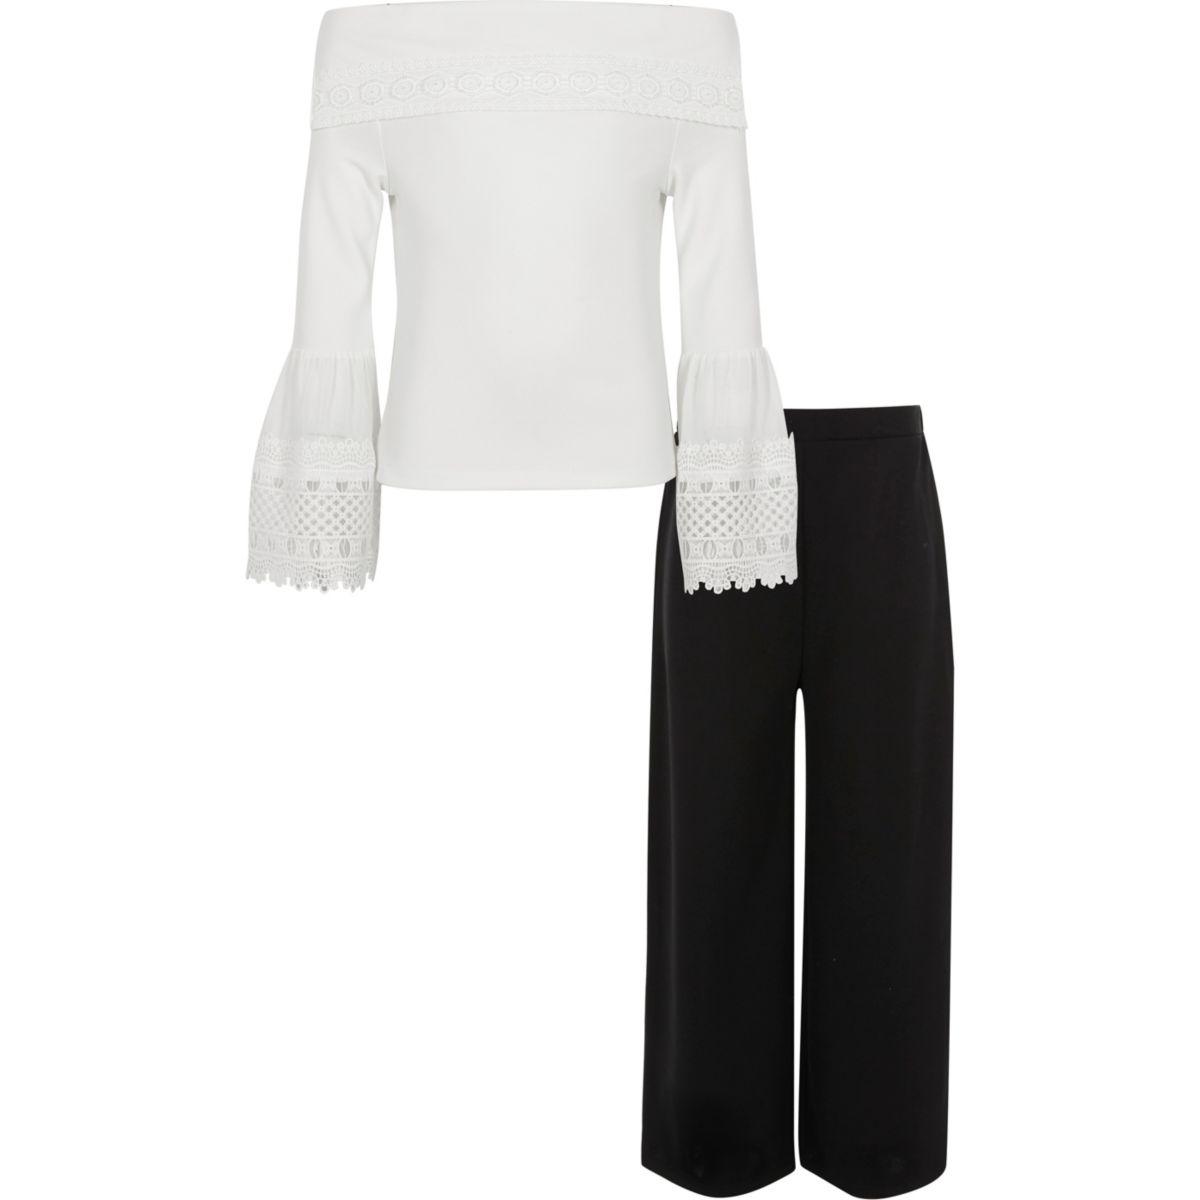 Weißes Outfit aus Spitzenoberteil und Hose